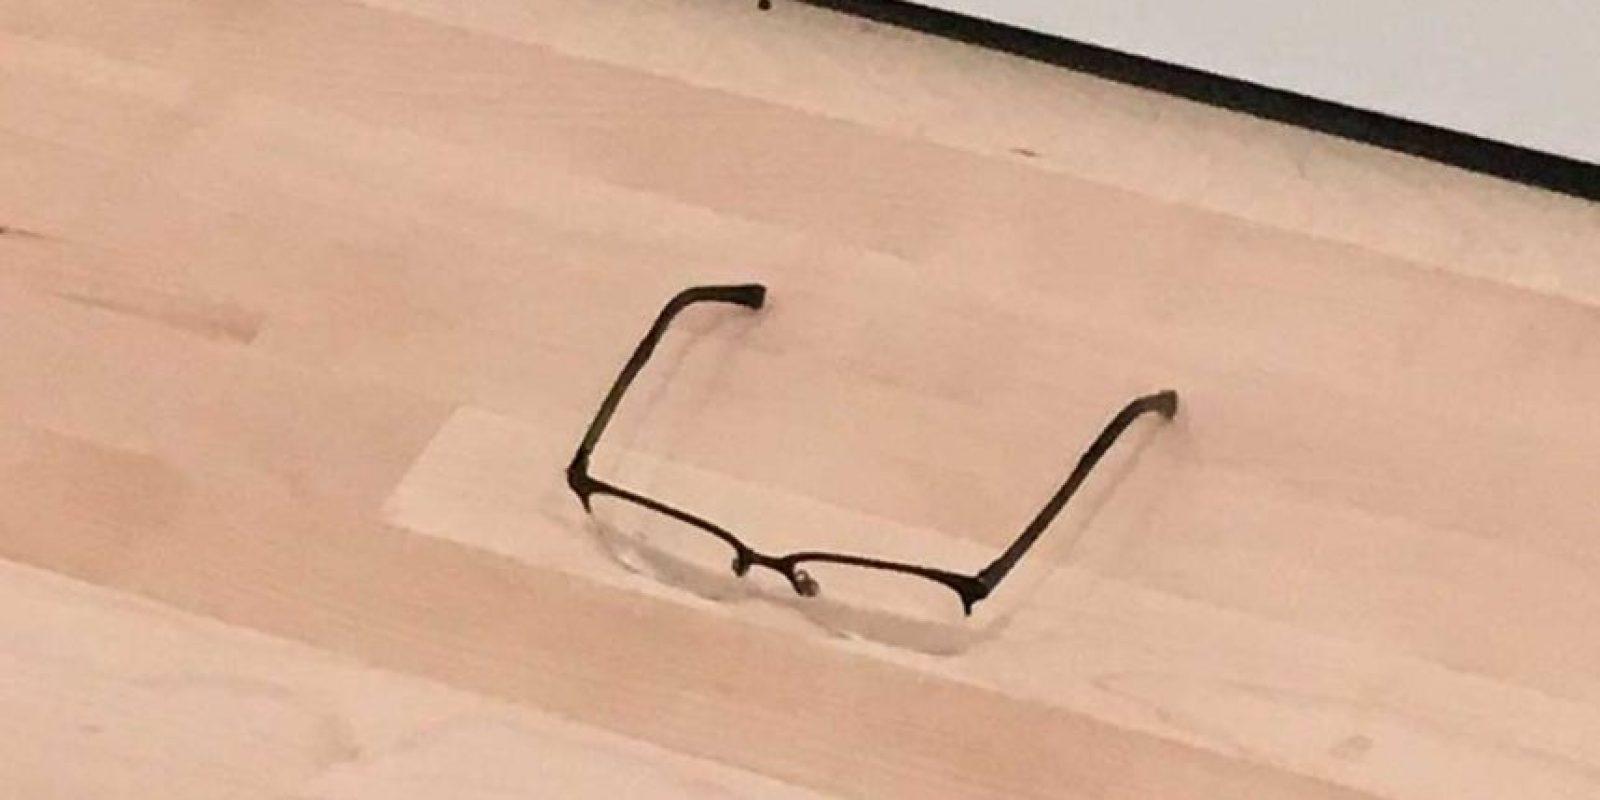 Estos lentes fueron puestos sobre el suelo en una galería del Museo de Arte Moderno de San Francisco Foto:Twitter @TJCruda. Imagen Por: